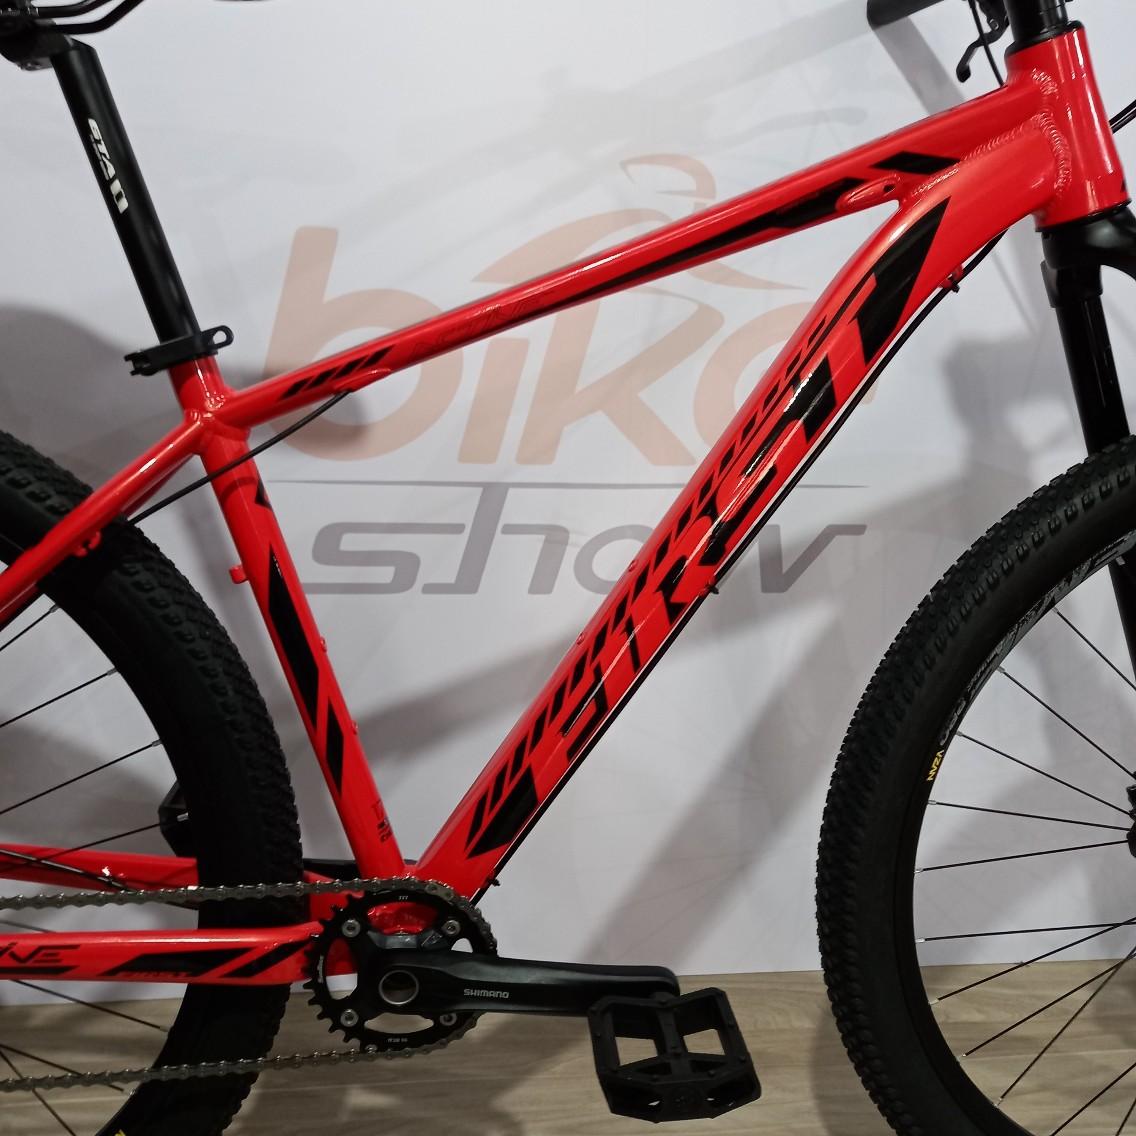 Bicicleta FIRST Active aro 29 - 12v Shimano SLX - K7 Shimano 10/51 dentes - Suspensão ABSOLUTE Tapered a AR